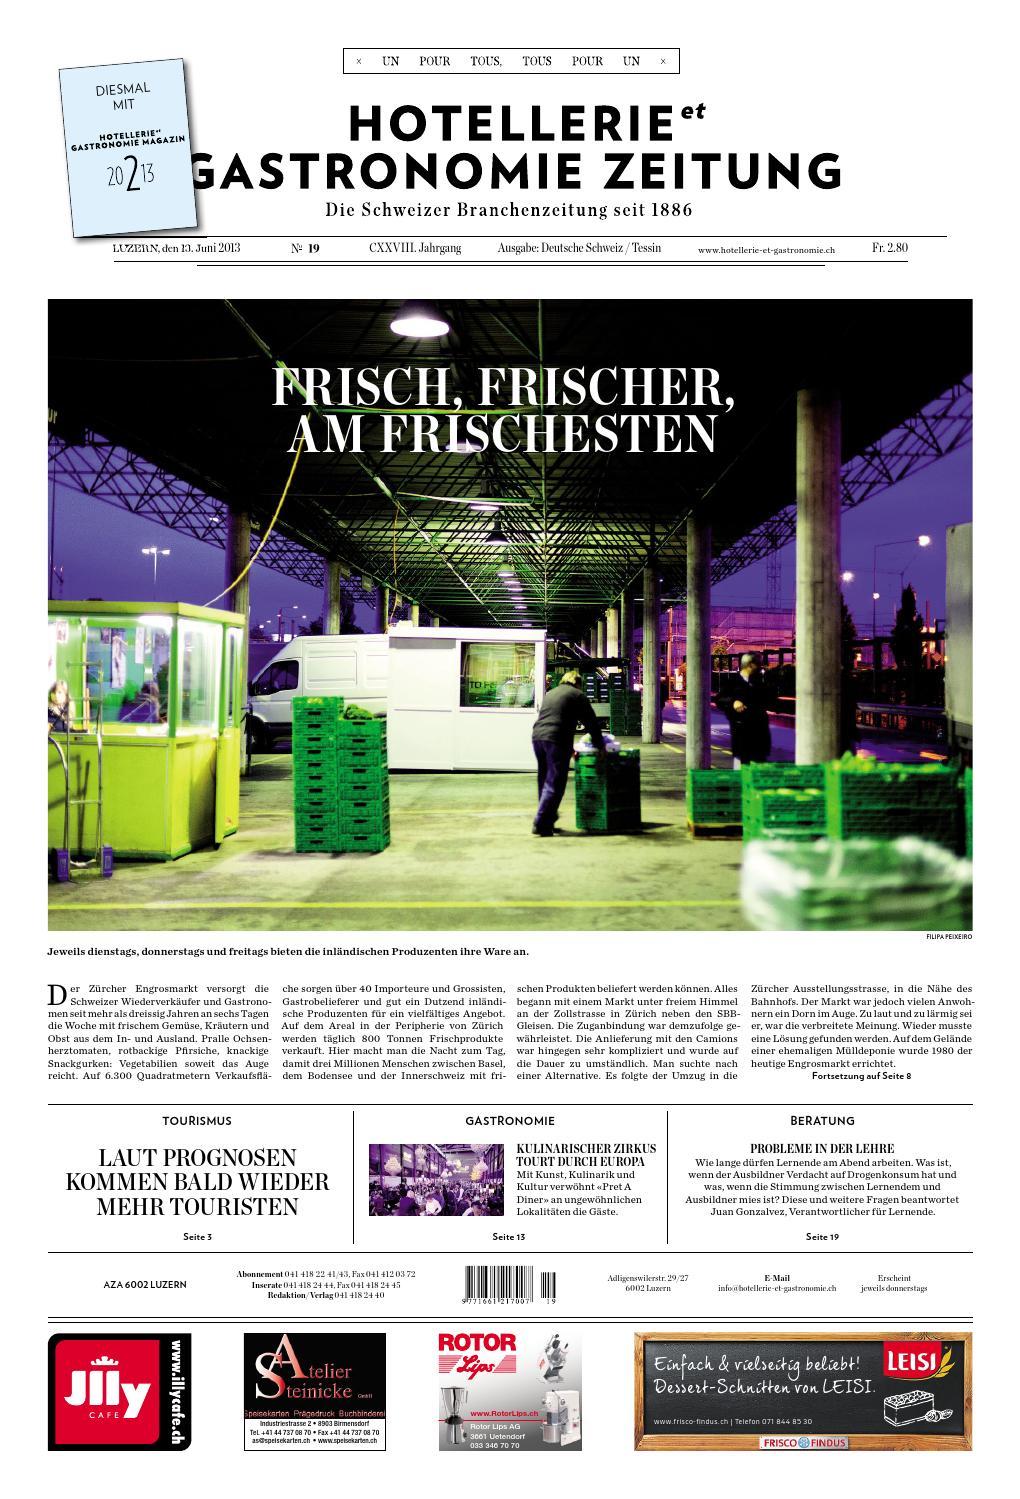 HetG Zeitung 19 2013 By Hotellerie Gastronomie Verlag